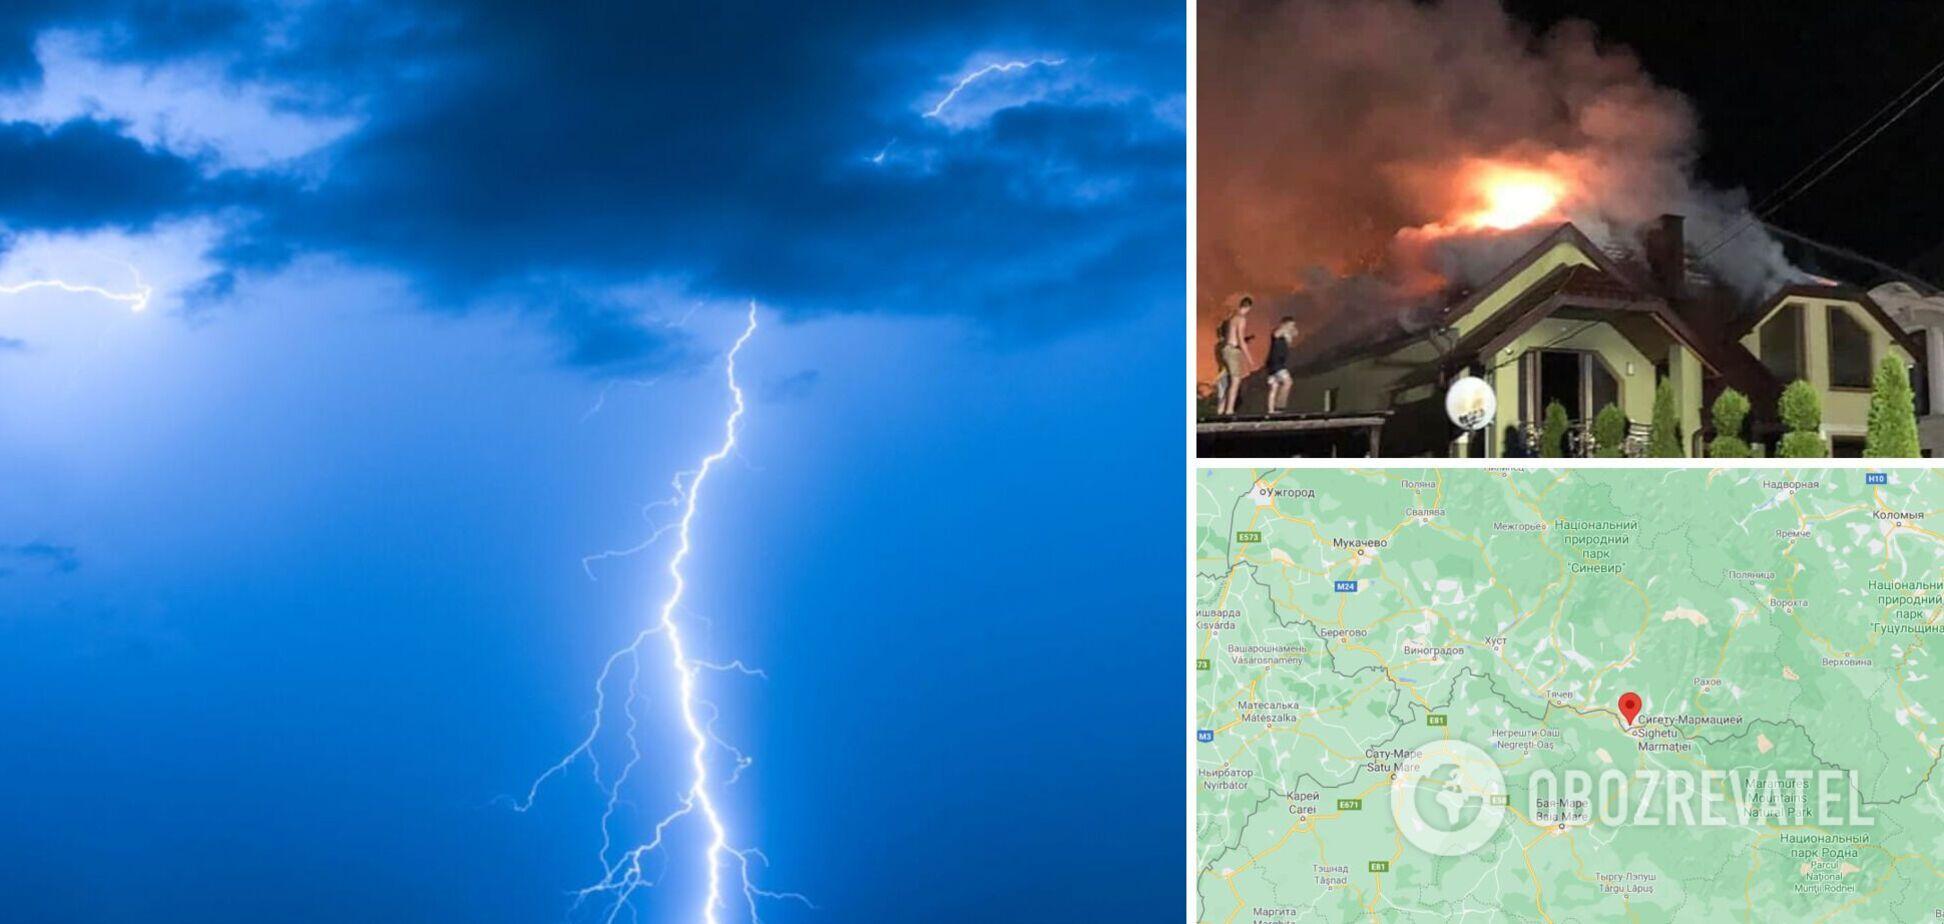 На Закарпатье молния попала в жилой дом, вспыхнул масштабный пожар. Фото